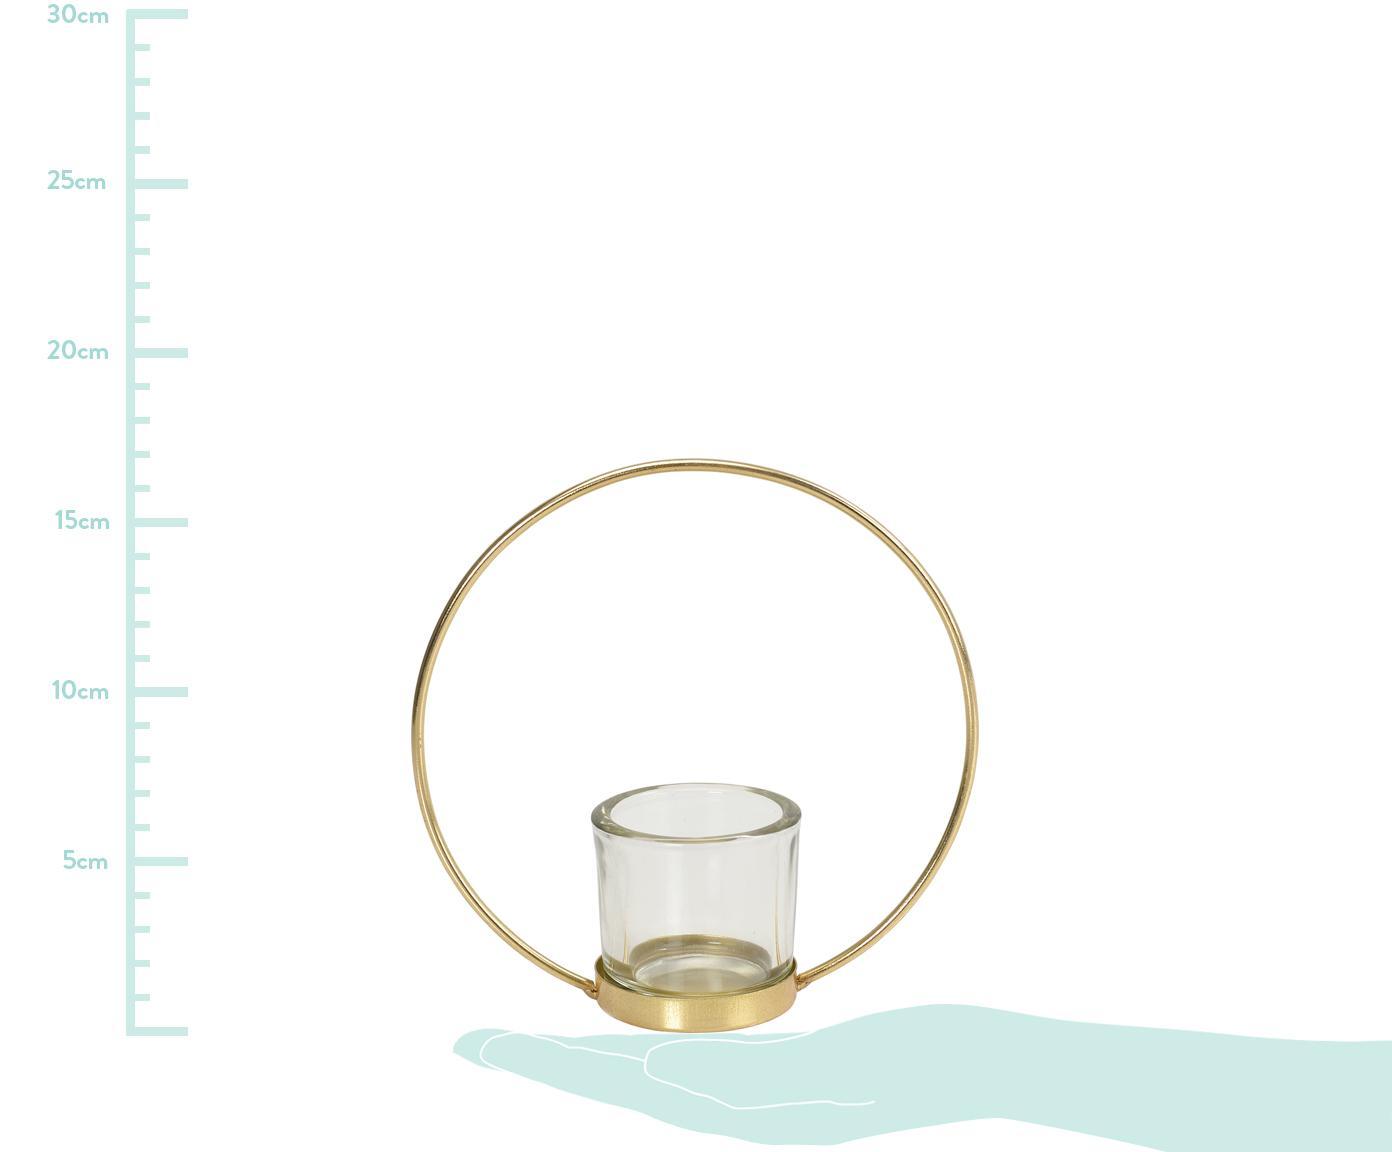 Teelichthalter Borro, Gestell: Metall, beschichtet, Goldfarben, Transparent, 17 x 17 cm